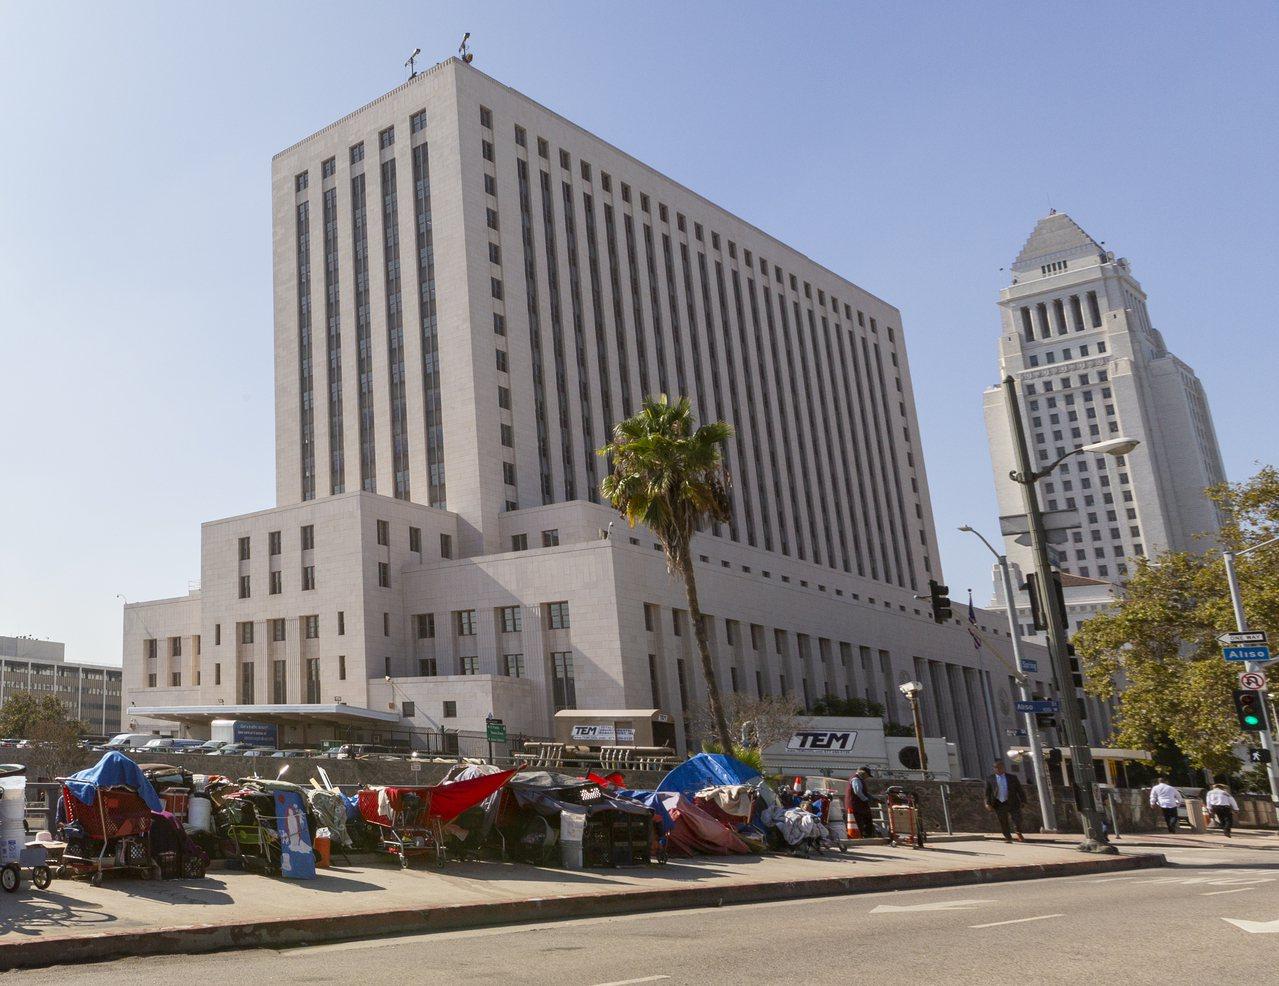 遊民的帳篷營地在洛杉磯鬧區路邊隨處可見。 (美聯社)